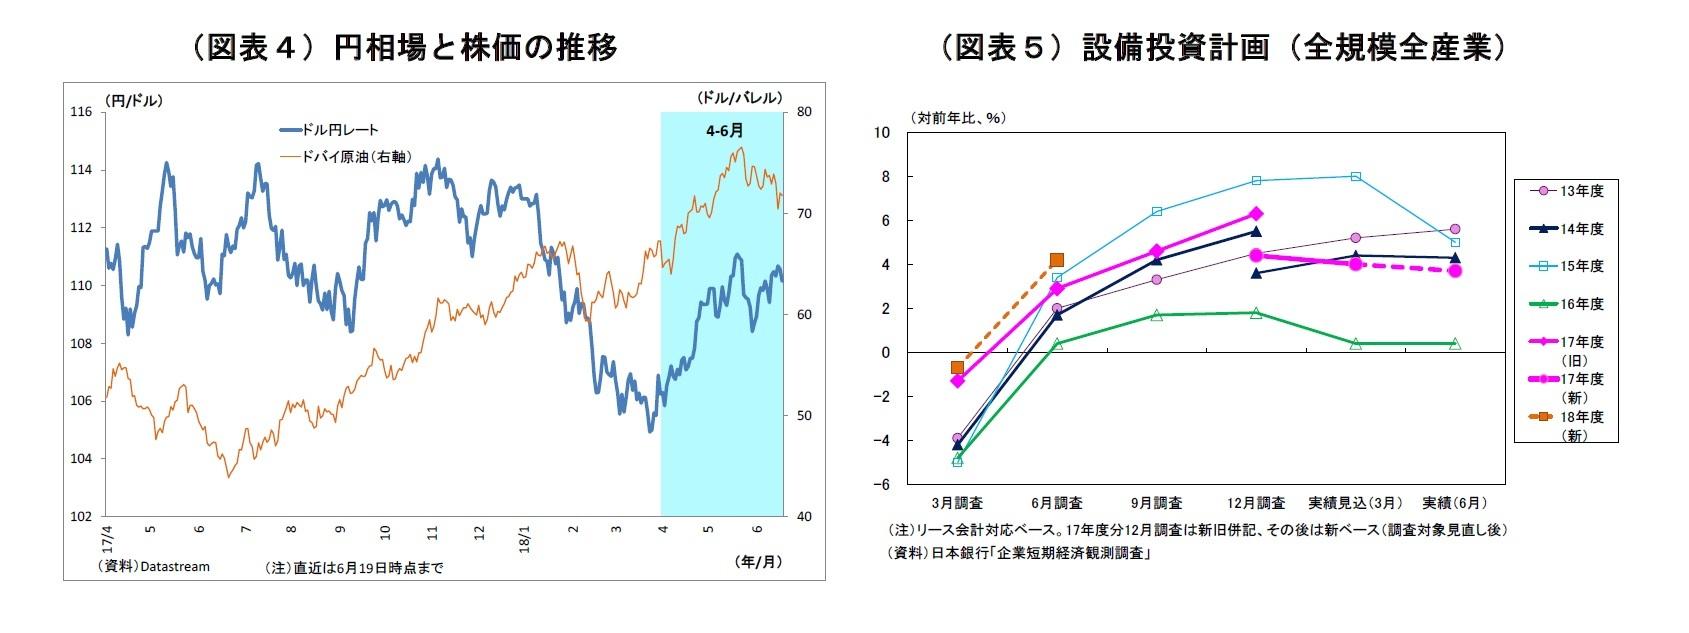 (図表4)円相場と株価の推移/(図表5)設備投資計画(全規模全産業)